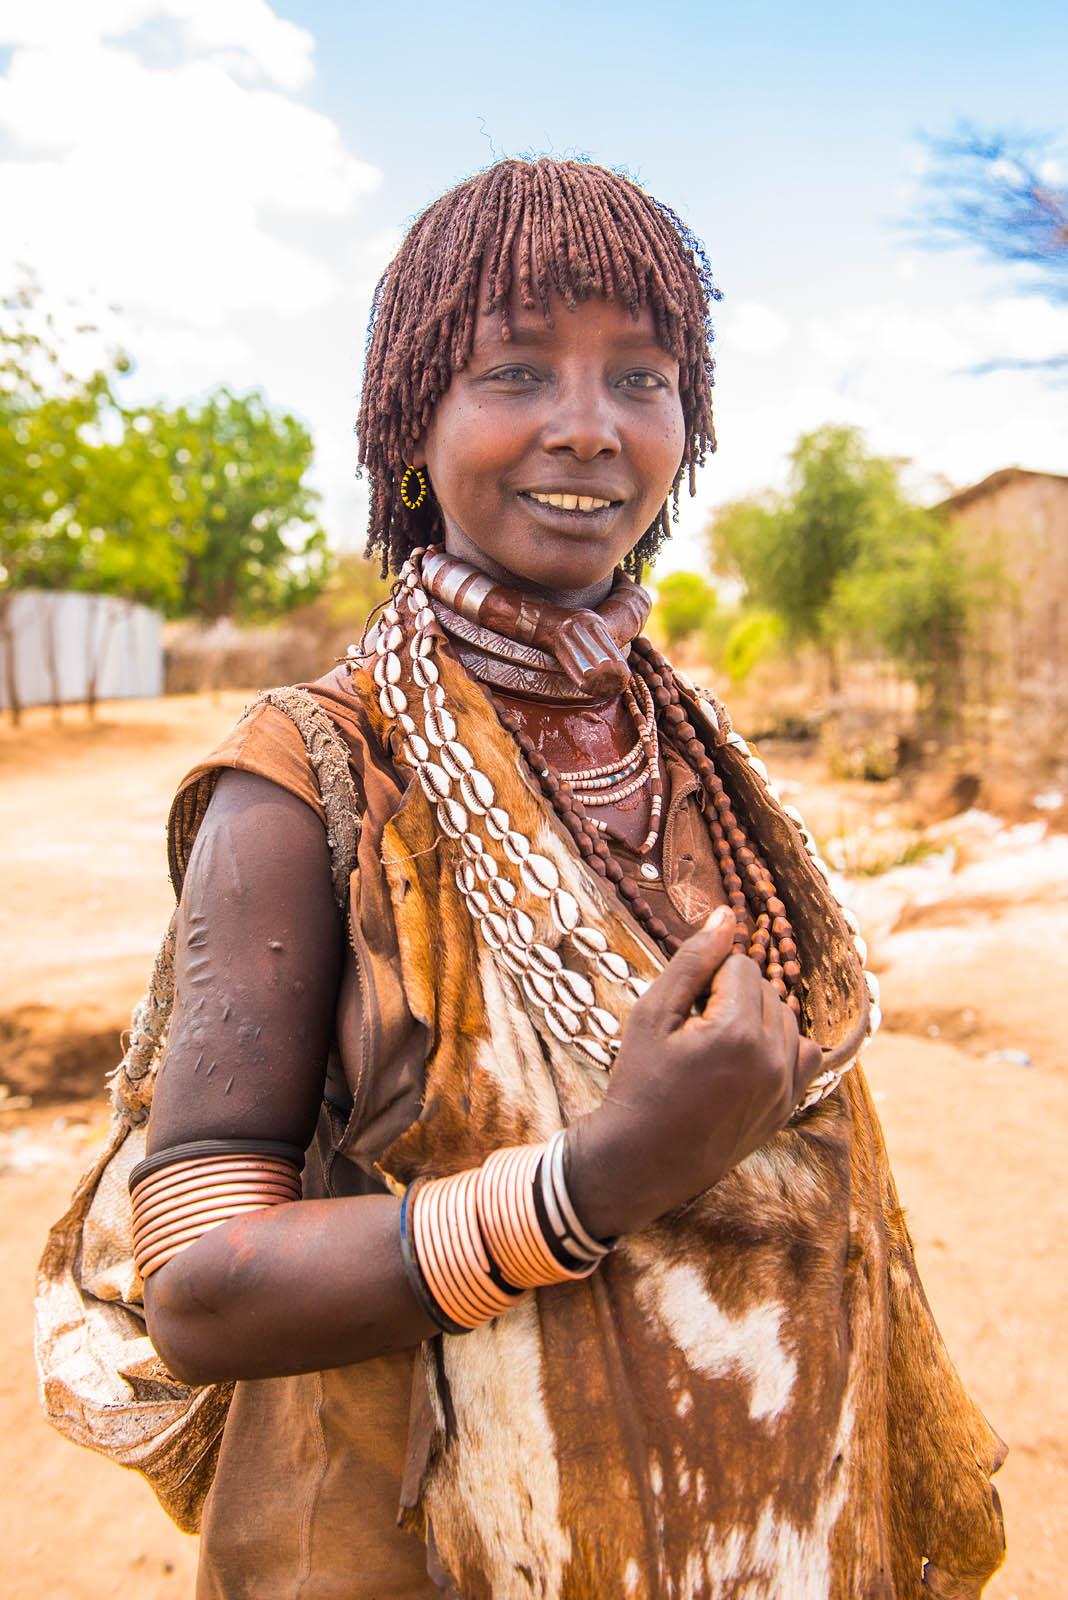 ETHIOPIA009